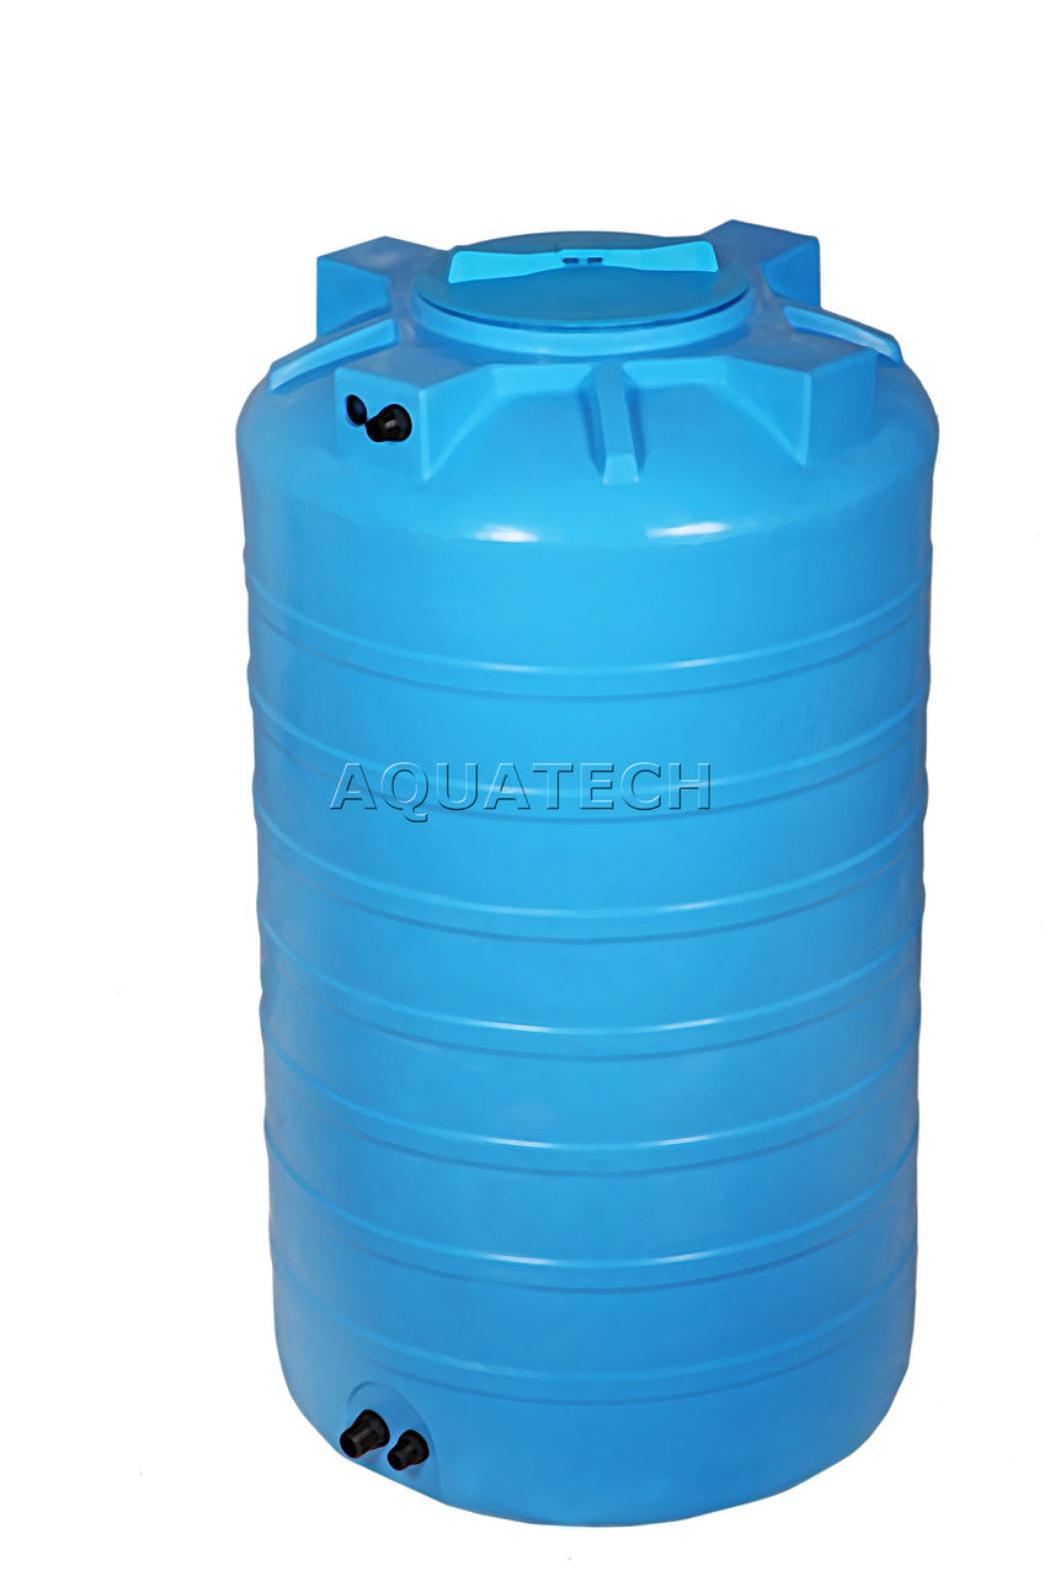 пластиковый бак для воды aquatech atv-500 синий с поплавком